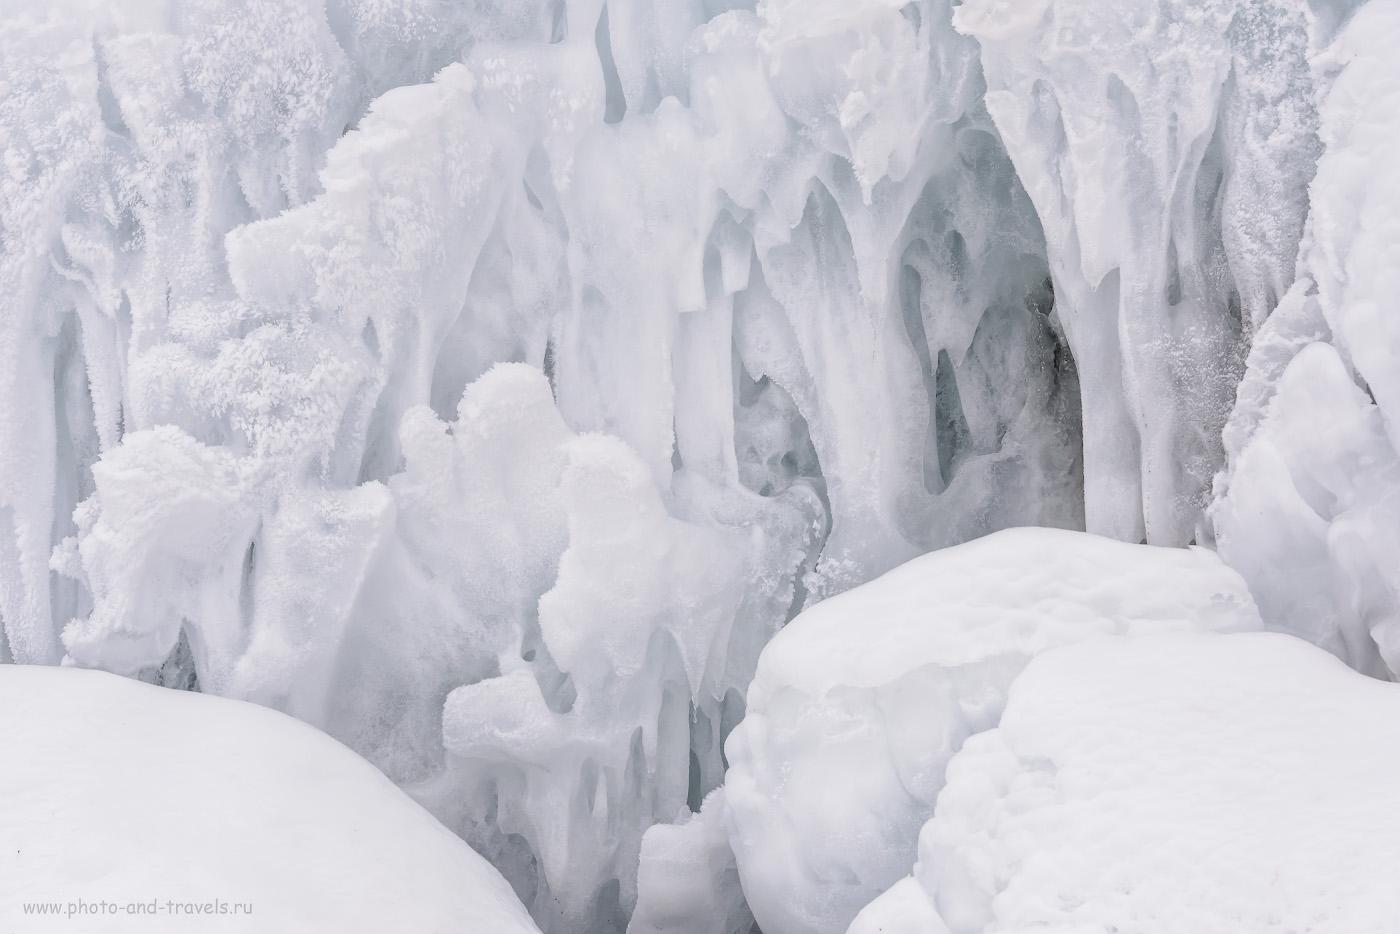 Фото 20. Водопад Плакун. Что мы увидим при более пристальном разглядывании. Поездка по Пермскому краю на автомобиле.